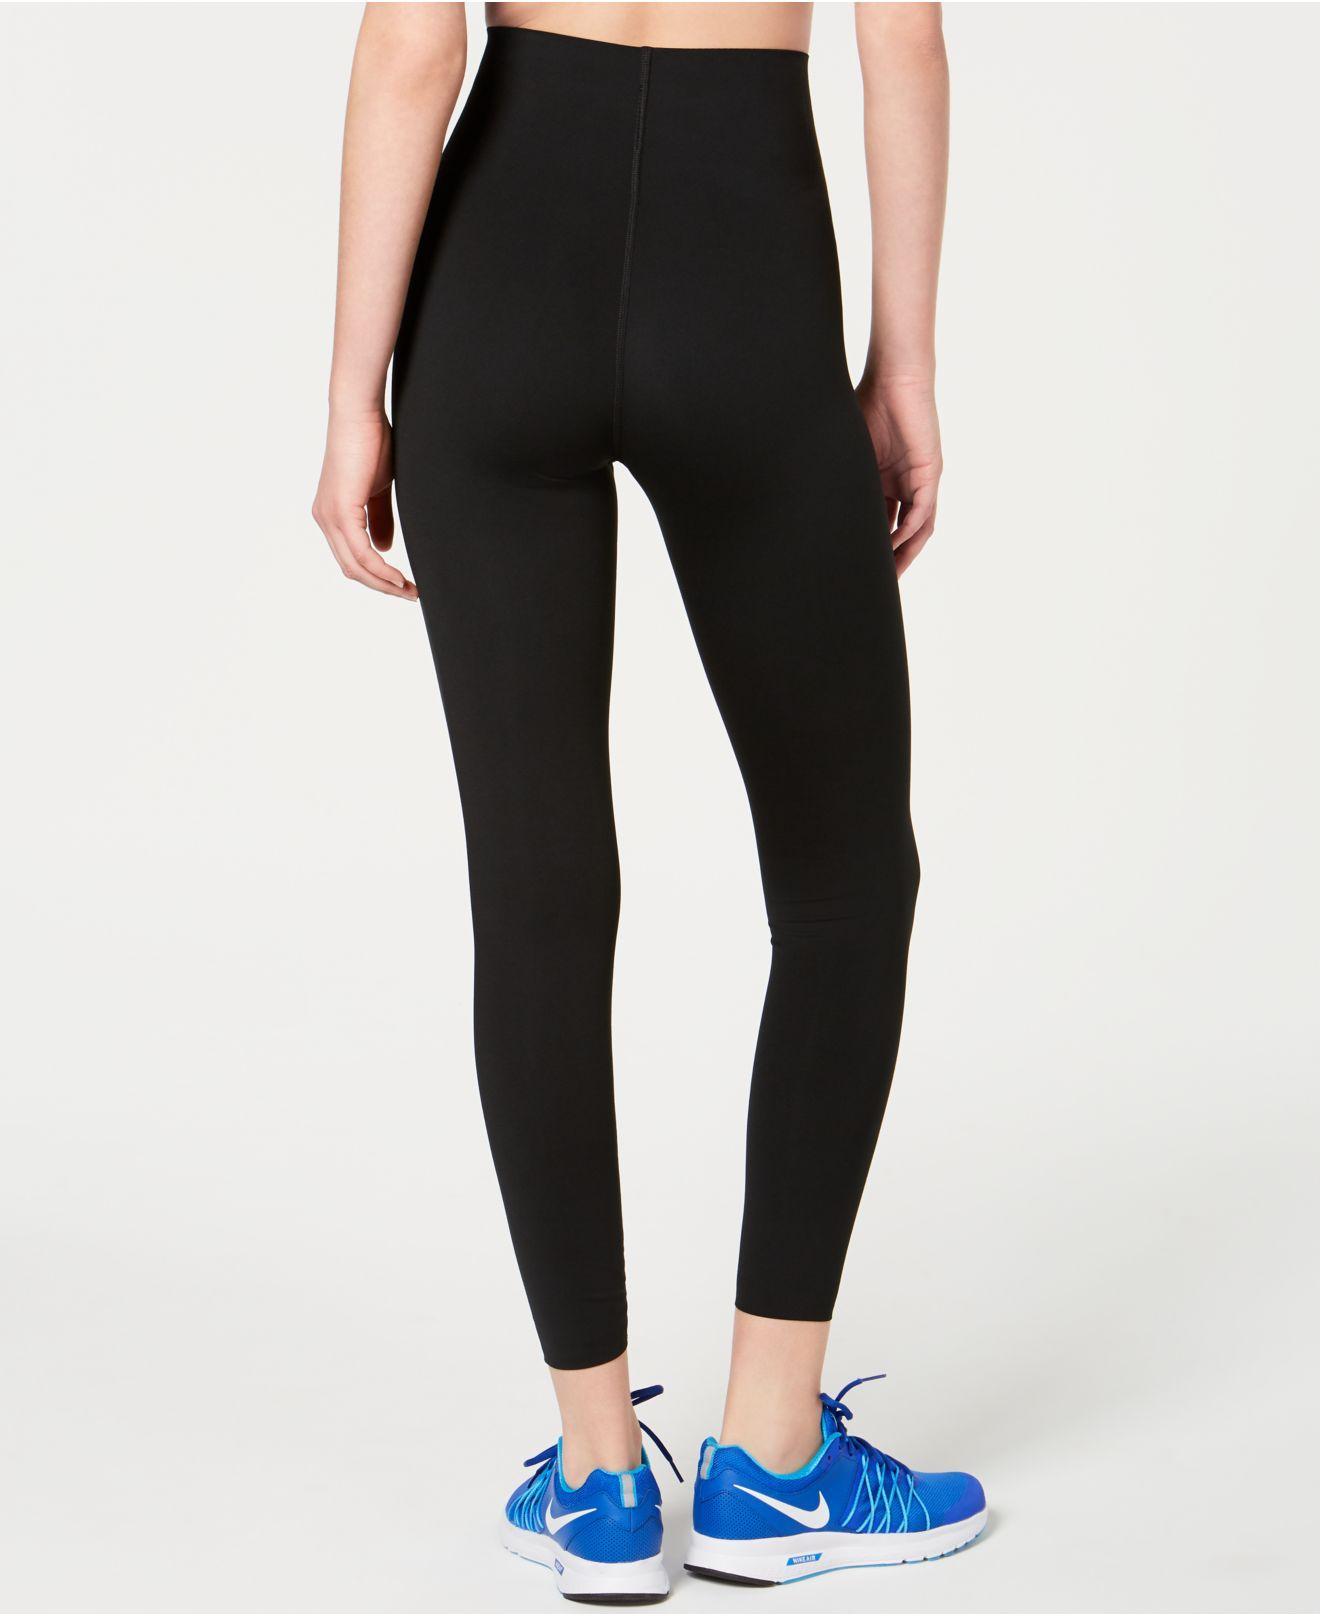 26f0520d942c3 Lyst - Nike Sculpt Luxury Dri-fit Ankle Leggings in Black